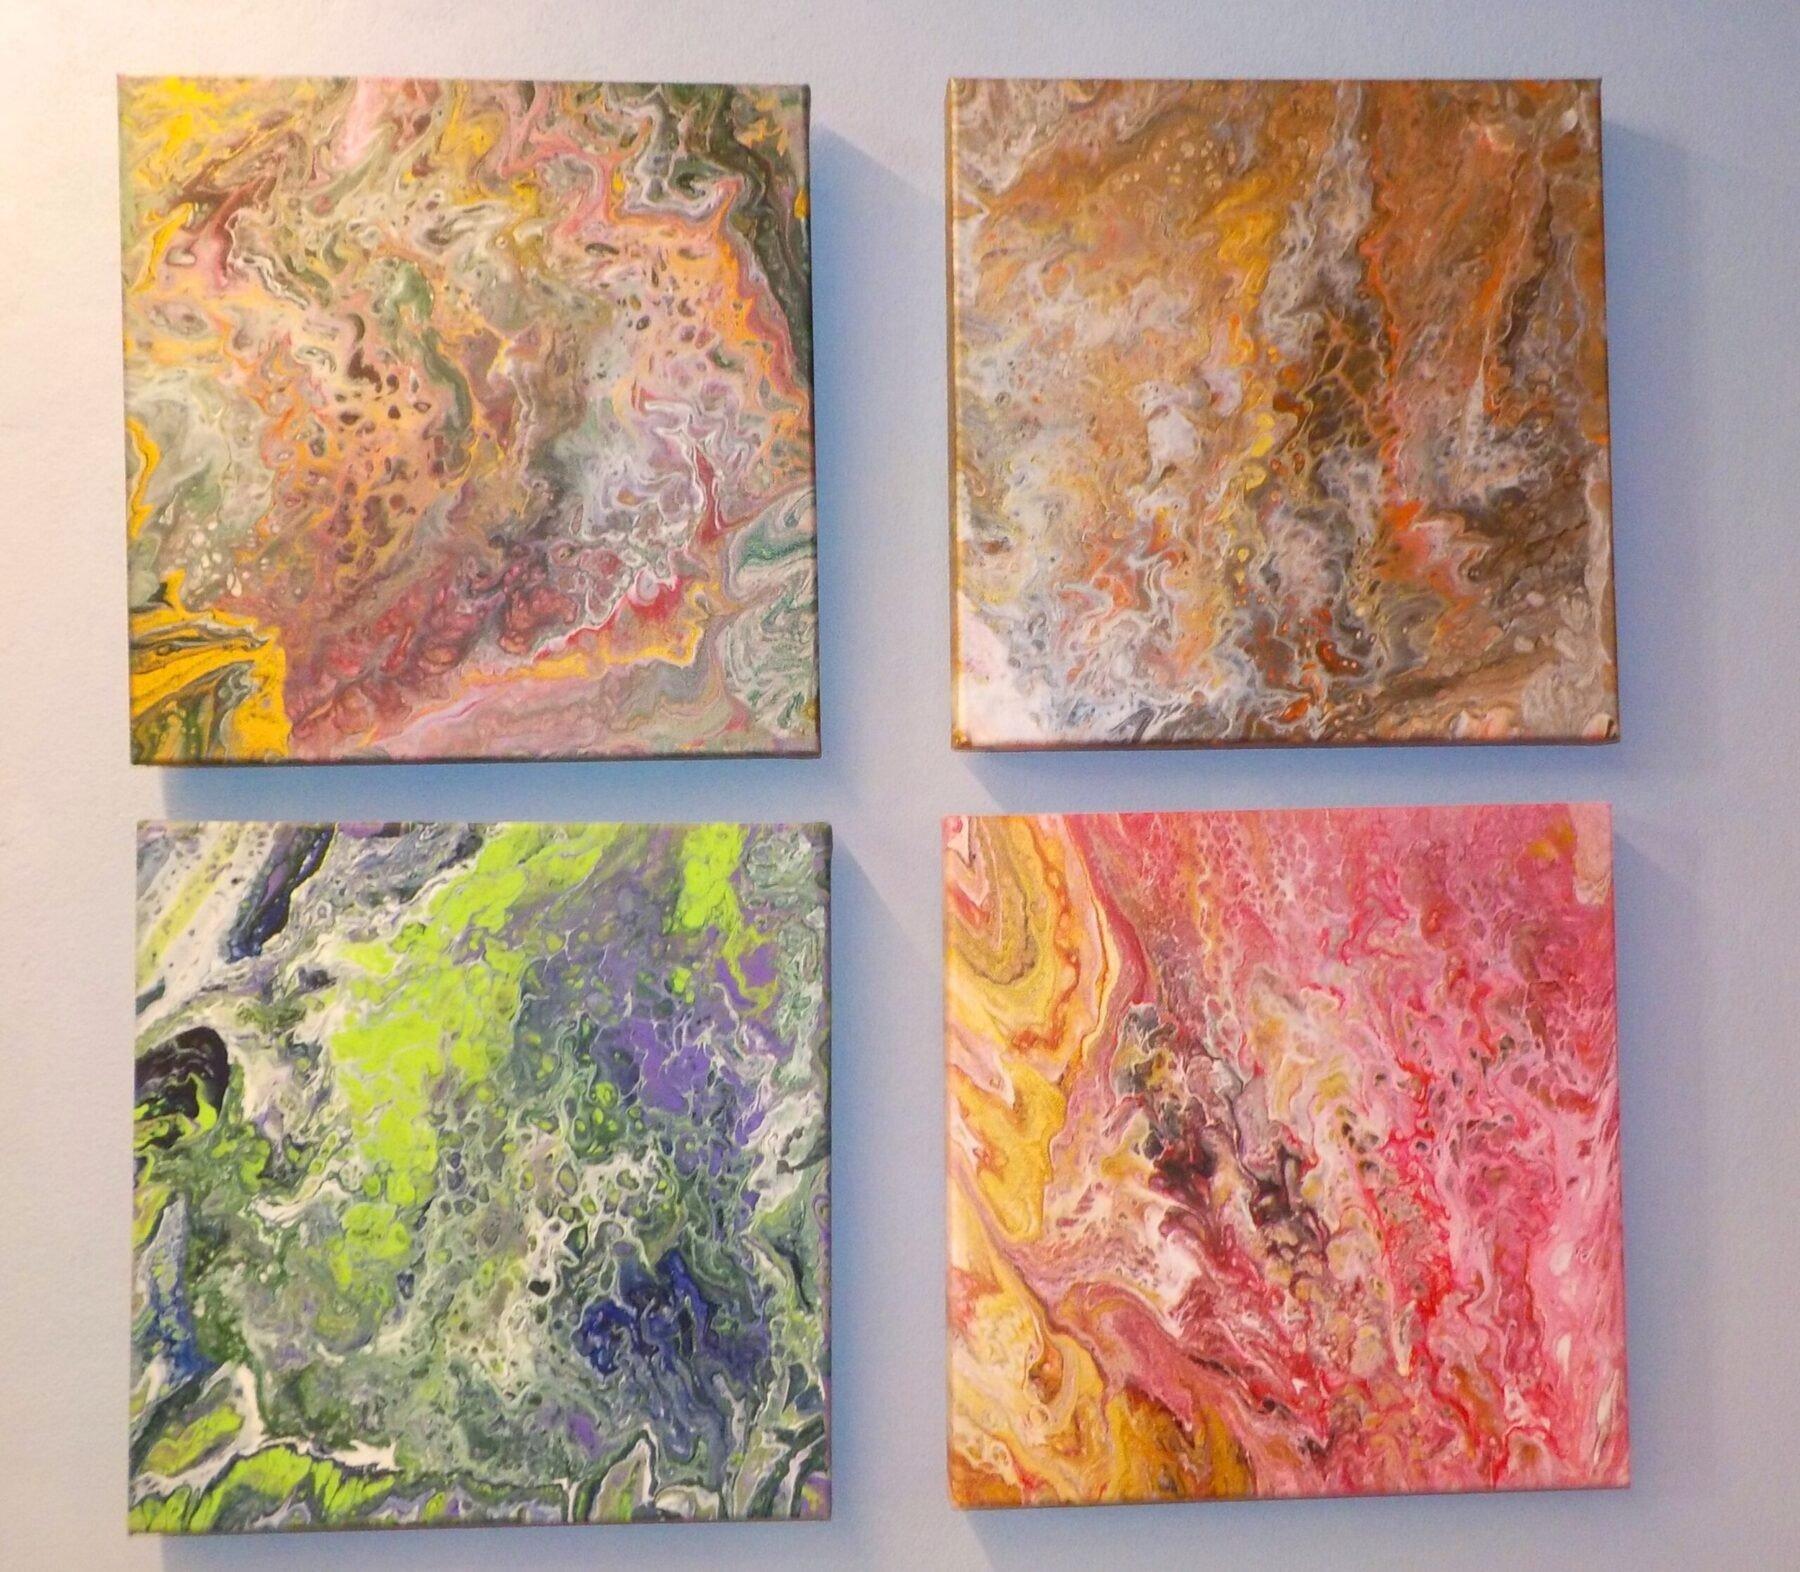 Uncategorized - Elena Rossi, l'artista che dà anima ai quadri. Il progetto per Corbetta 29/09/2020